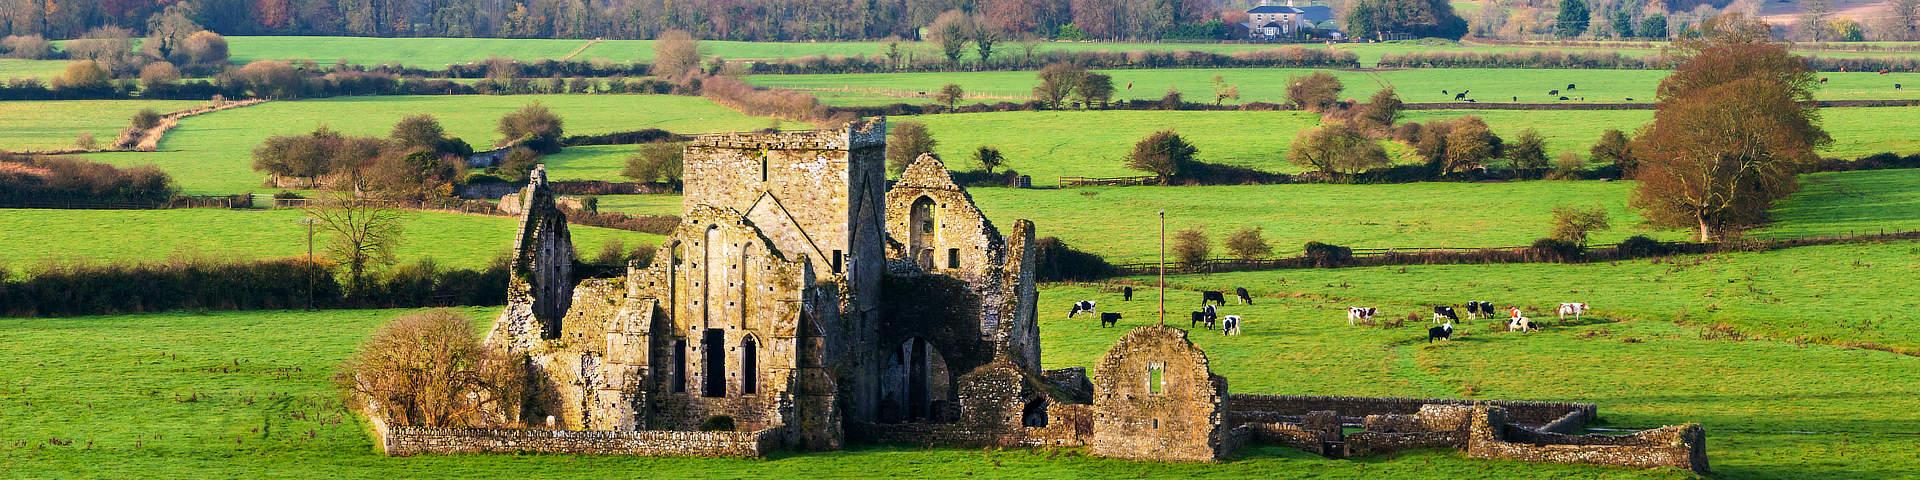 ruines van Hore Abdij bij Cashel Ierland